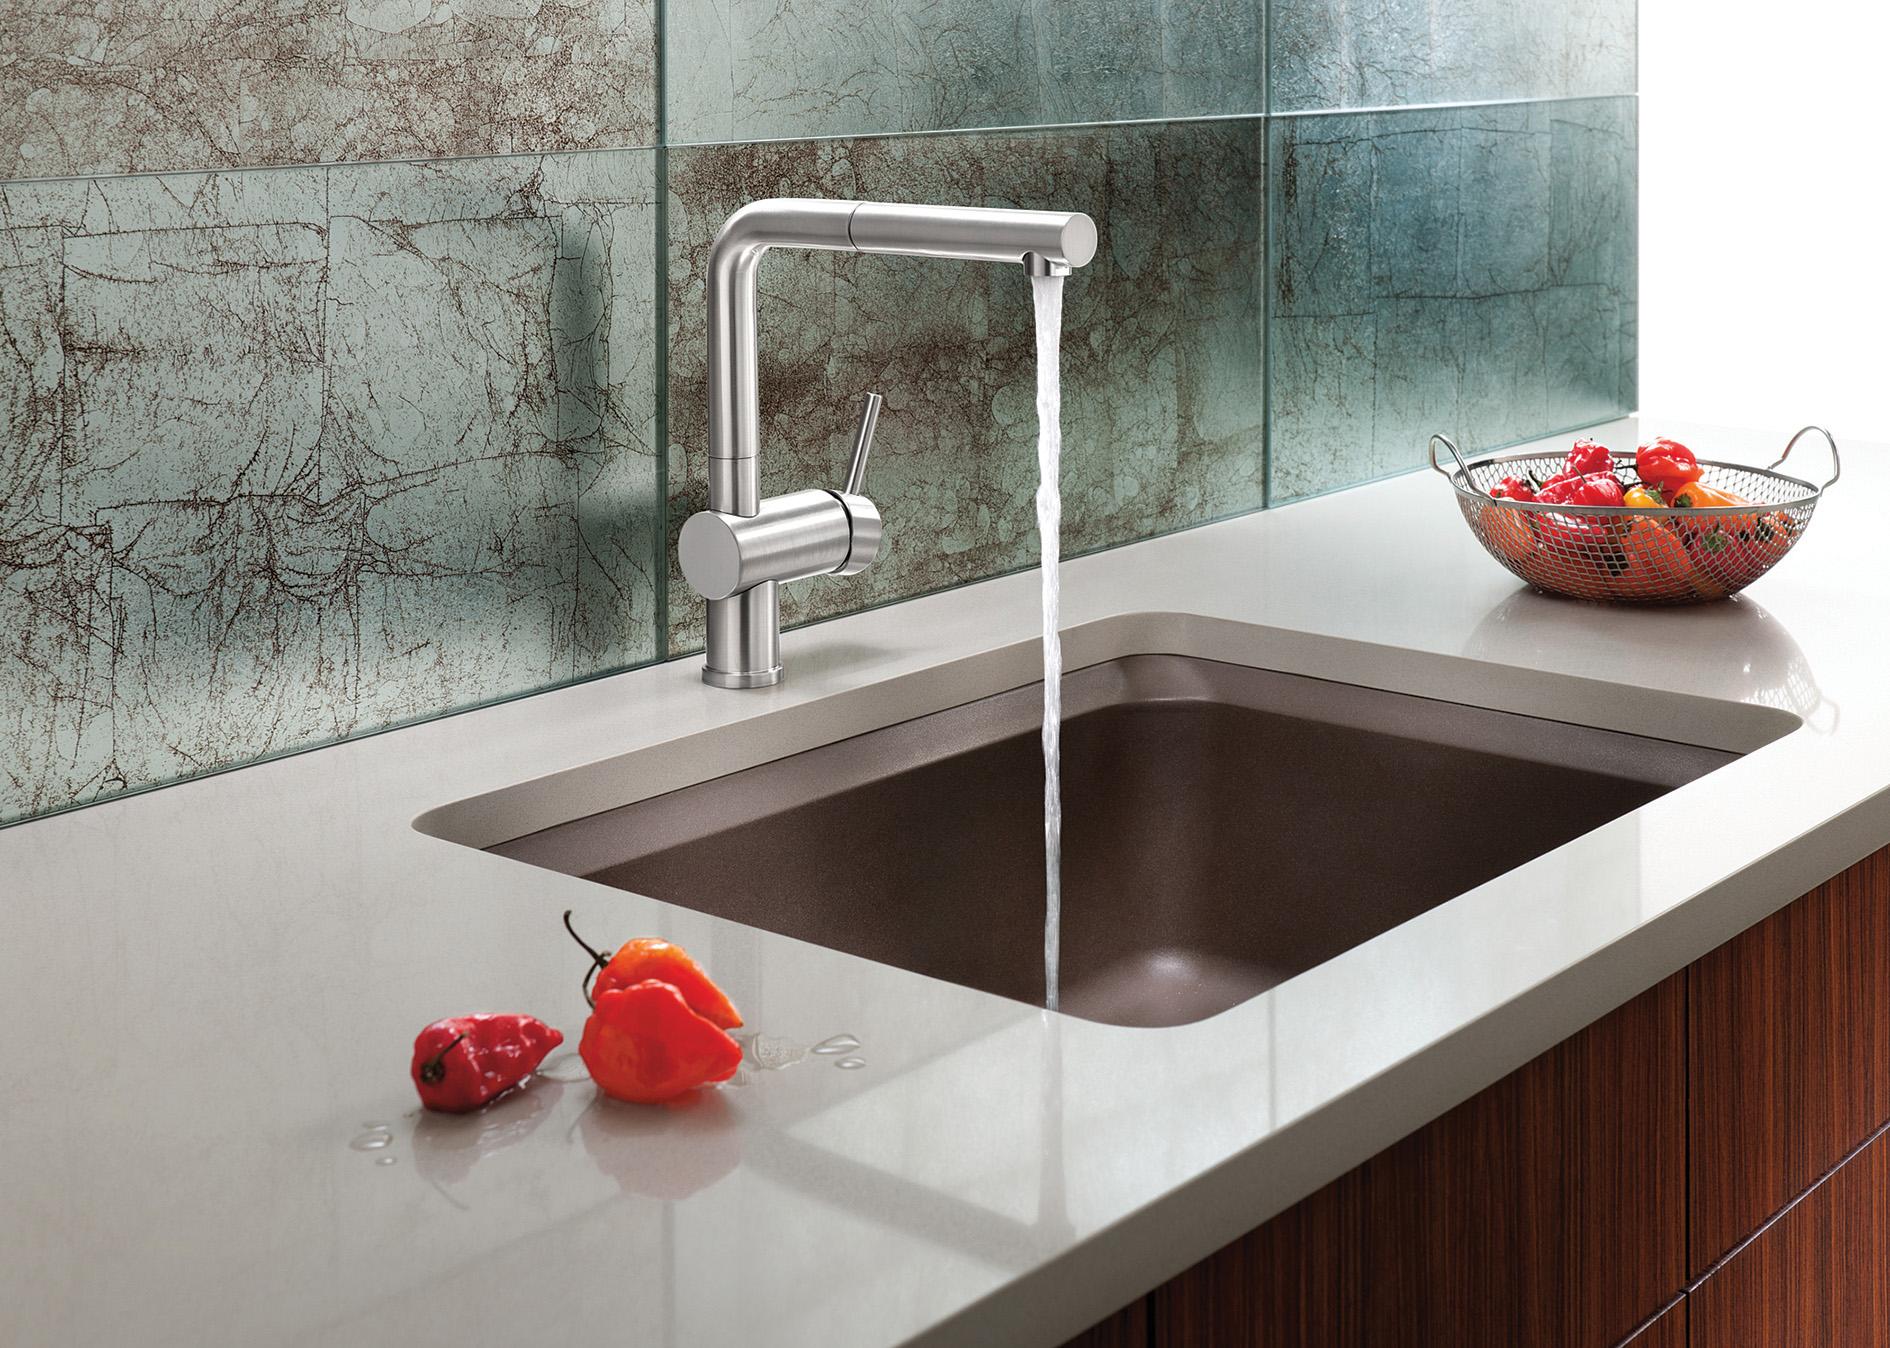 blanco kitchen appliances designer kitchen sinks Blanco Kitchen Appliances